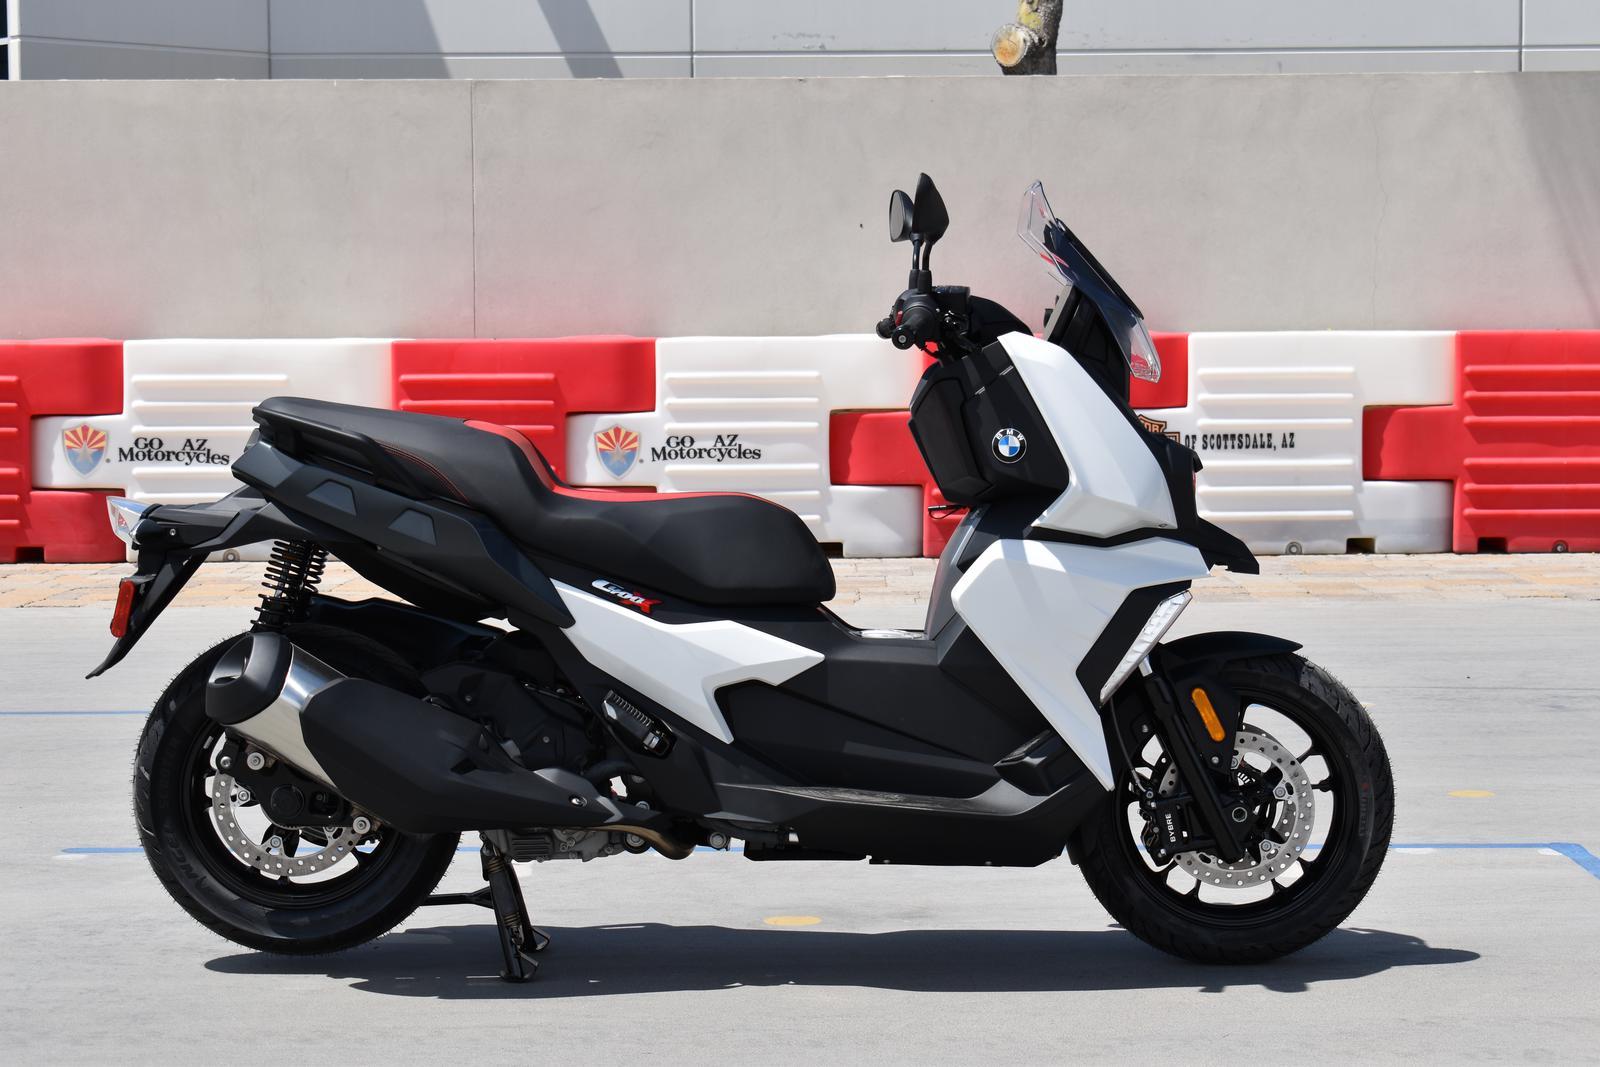 2019 Bmw C400 X For Sale In Scottsdale Az Go Az Motorcycles In